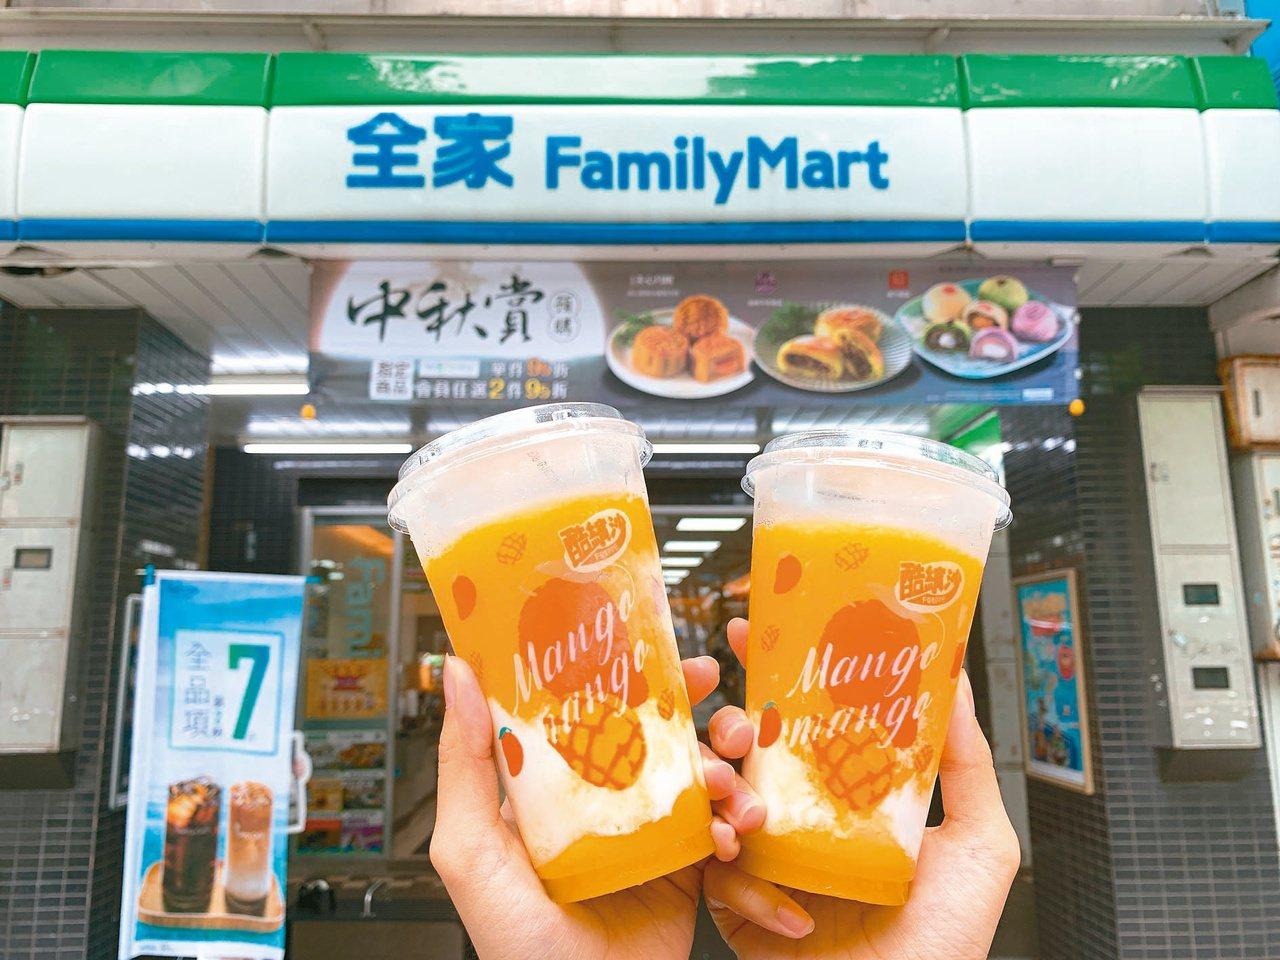 全家今年夏季推出新口味「芒果牛奶酷繽沙」搶市。 圖/全家提供